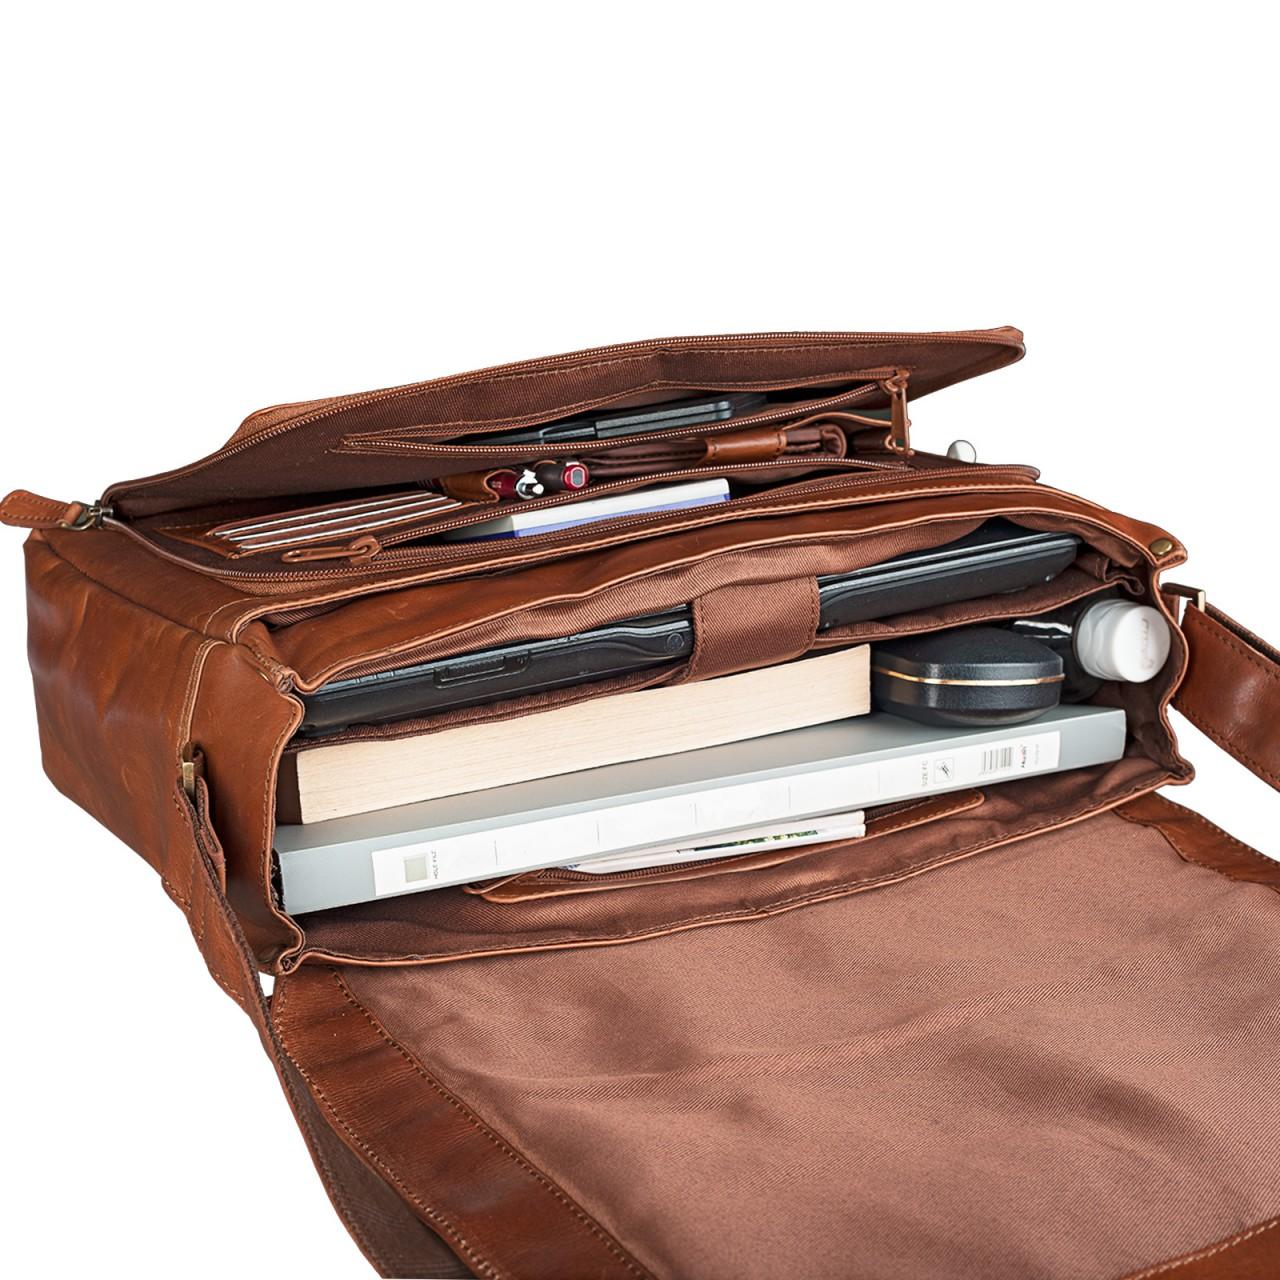 """STILORD """"Nick"""" Umhängetasche Leder Herren Damen Unitasche 15.6 Zoll Laptoptasche Aktentasche Bürotasche Vintage Büffel-Leder - Bild 7"""